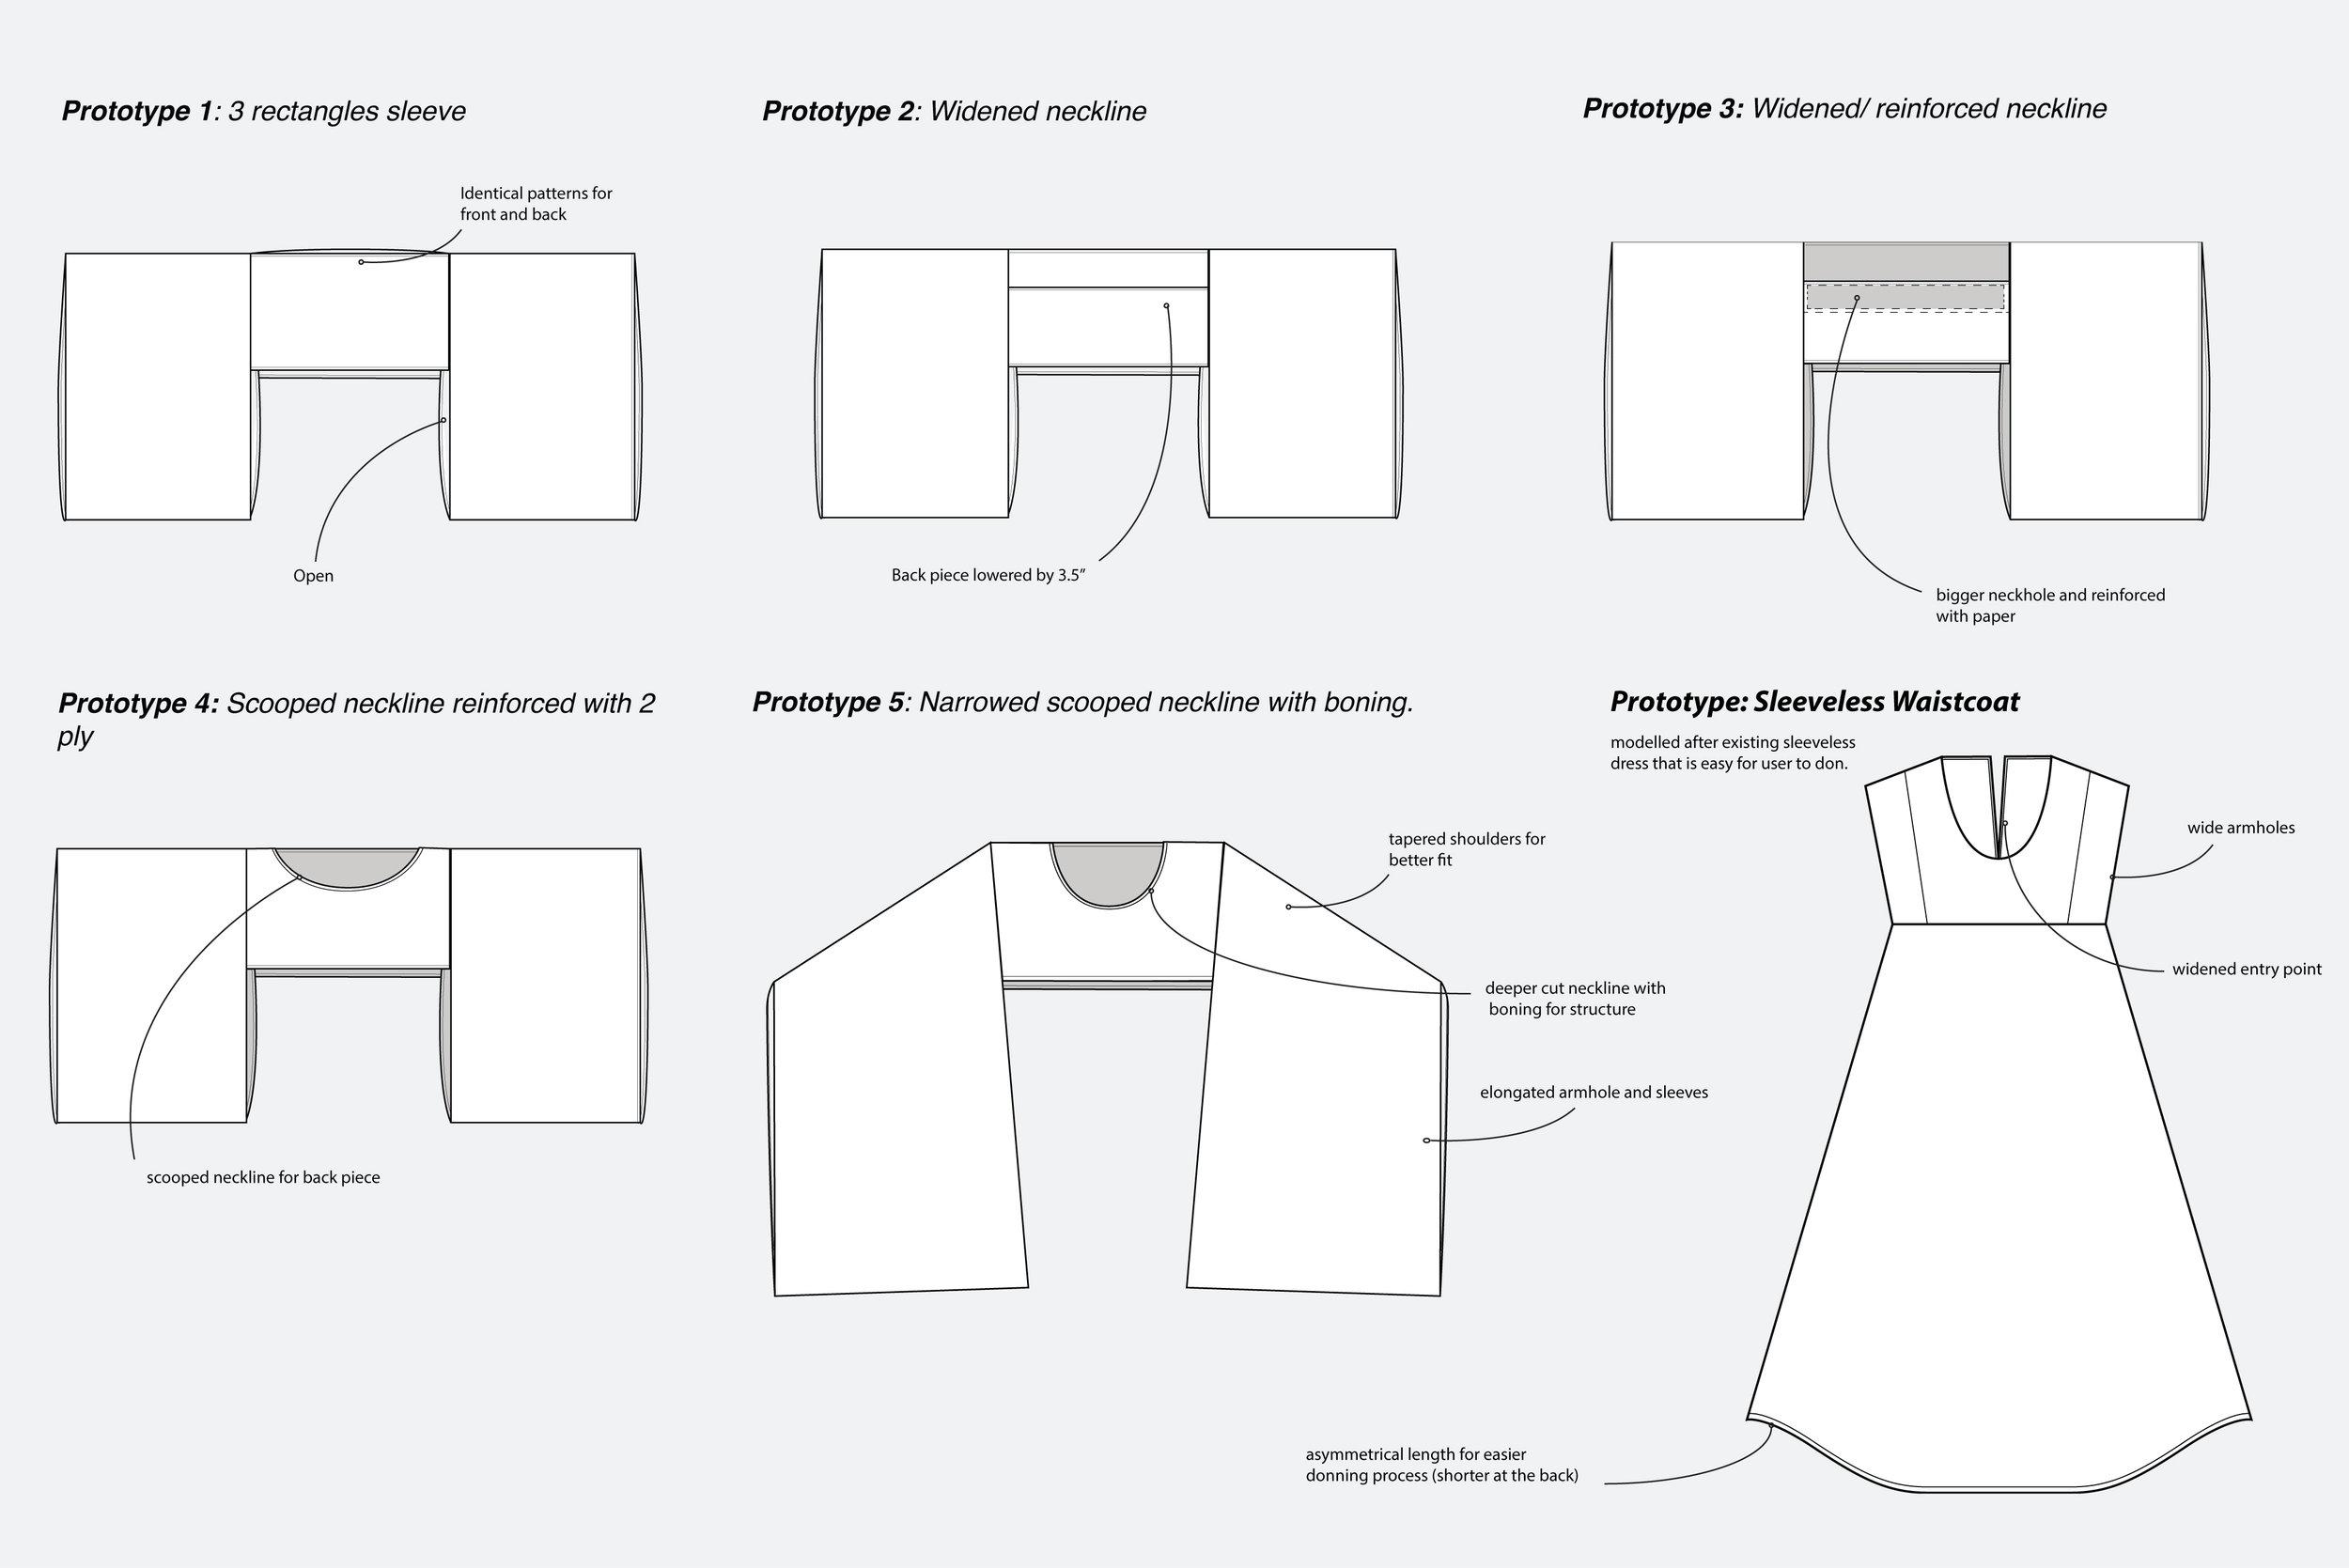 unparallelel+prototype+drawings (1).jpg